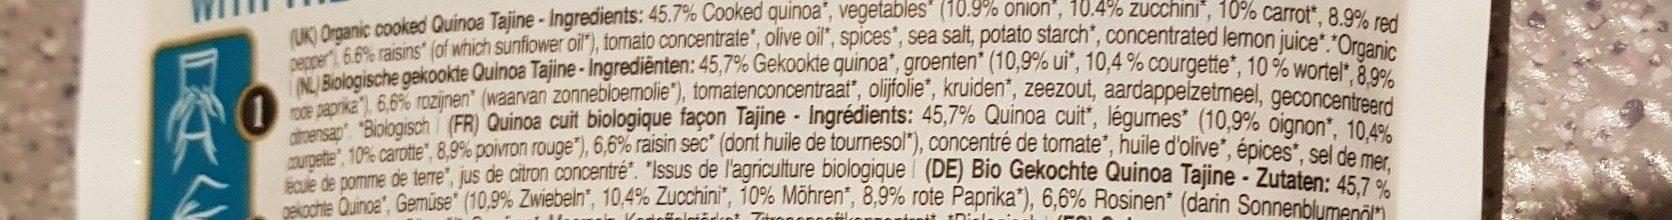 Paul's Finest Organic Quinoa, Tajine - Ingredients